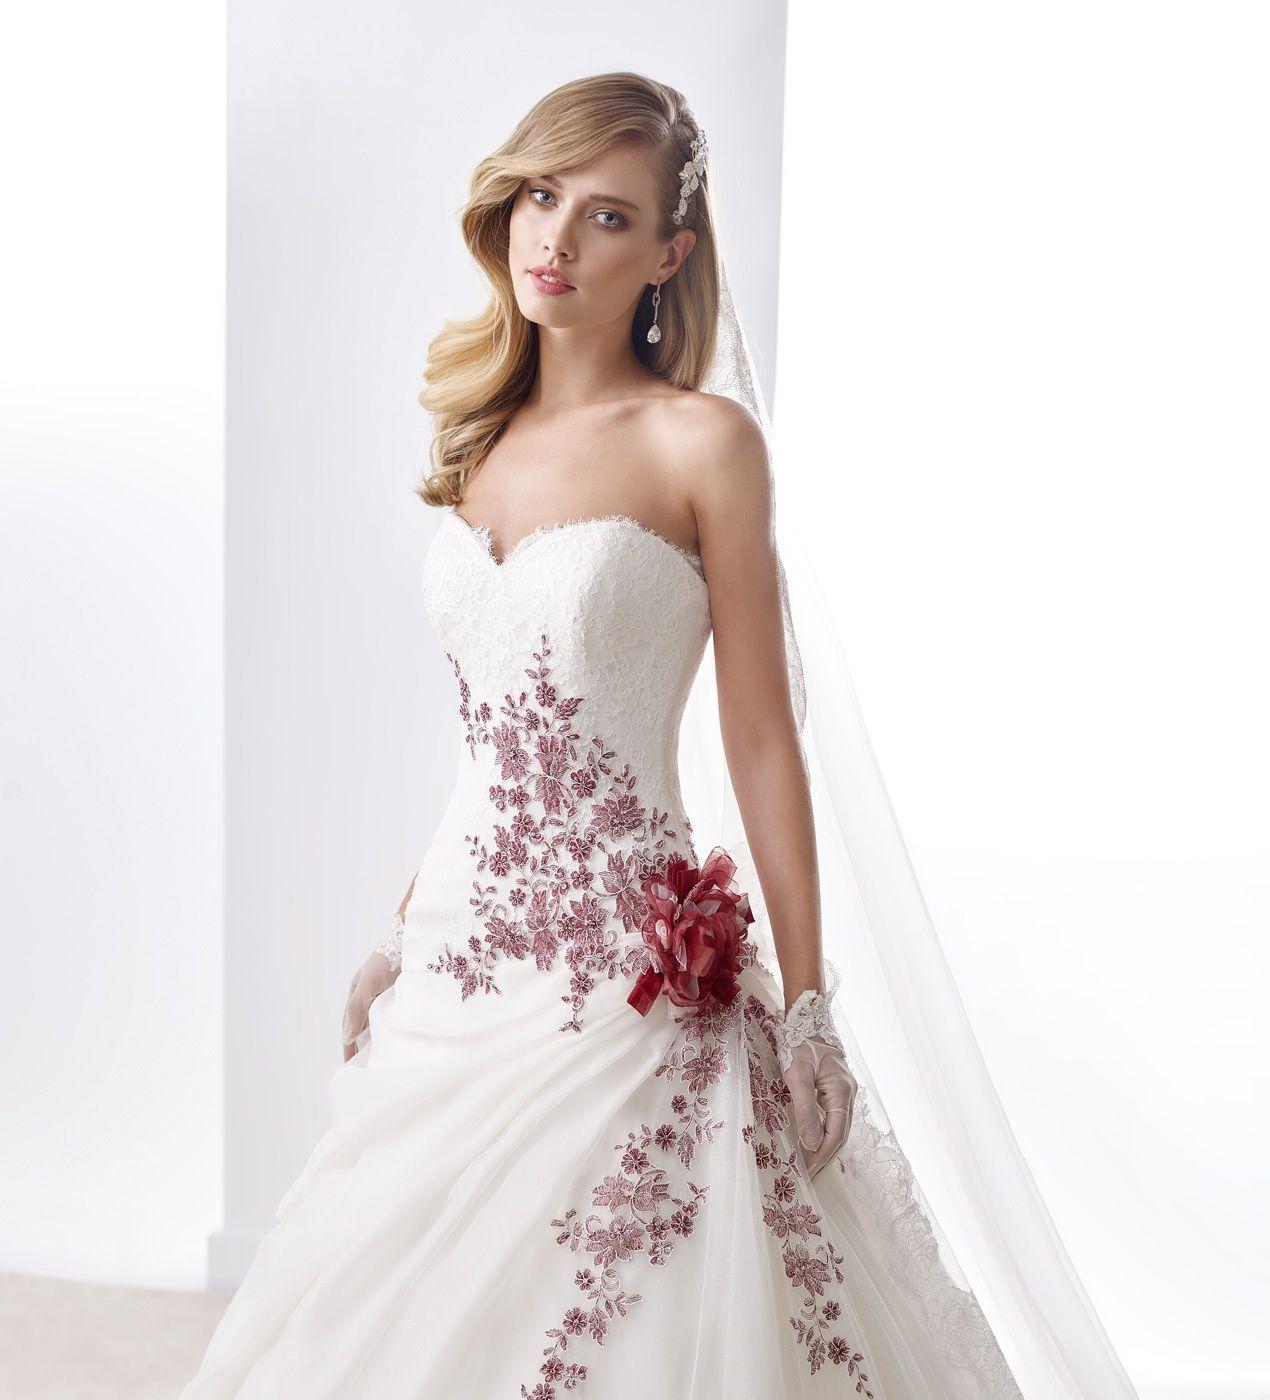 Abito Da Sposa Nicole Collezione Jolies Joab16468 2016 Colored Wedding Dresses Wedding Dresses Red Wedding Dresses [ 1400 x 1270 Pixel ]